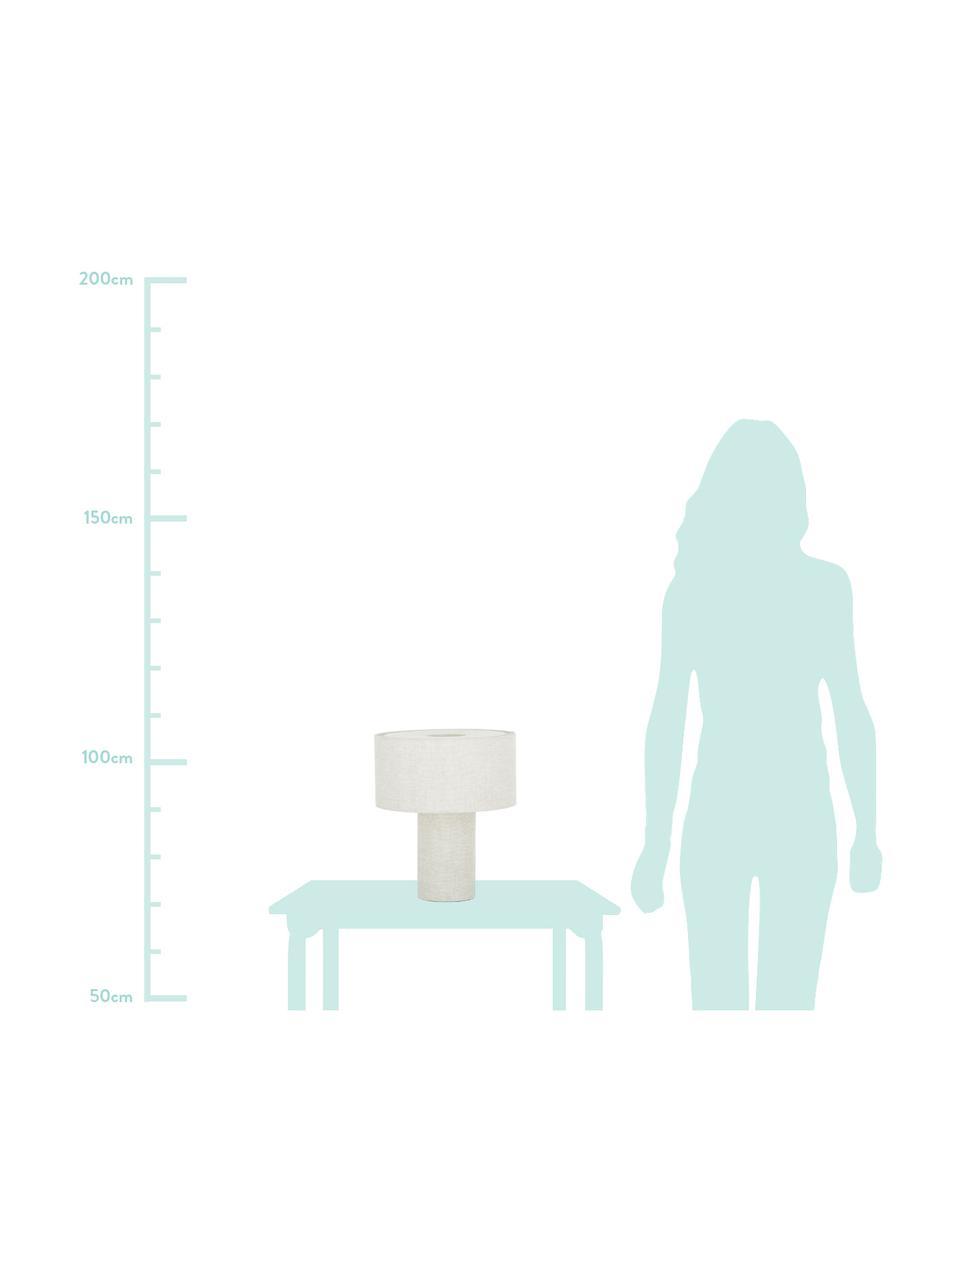 Klein tafellamp Ron van stof, Lampenkap: textiel, Lampvoet: textiel, Diffuser: textiel, Lampenkap: grijs. Lampvoet: grijs. Snoer: wit, Ø 30 x H 35 cm